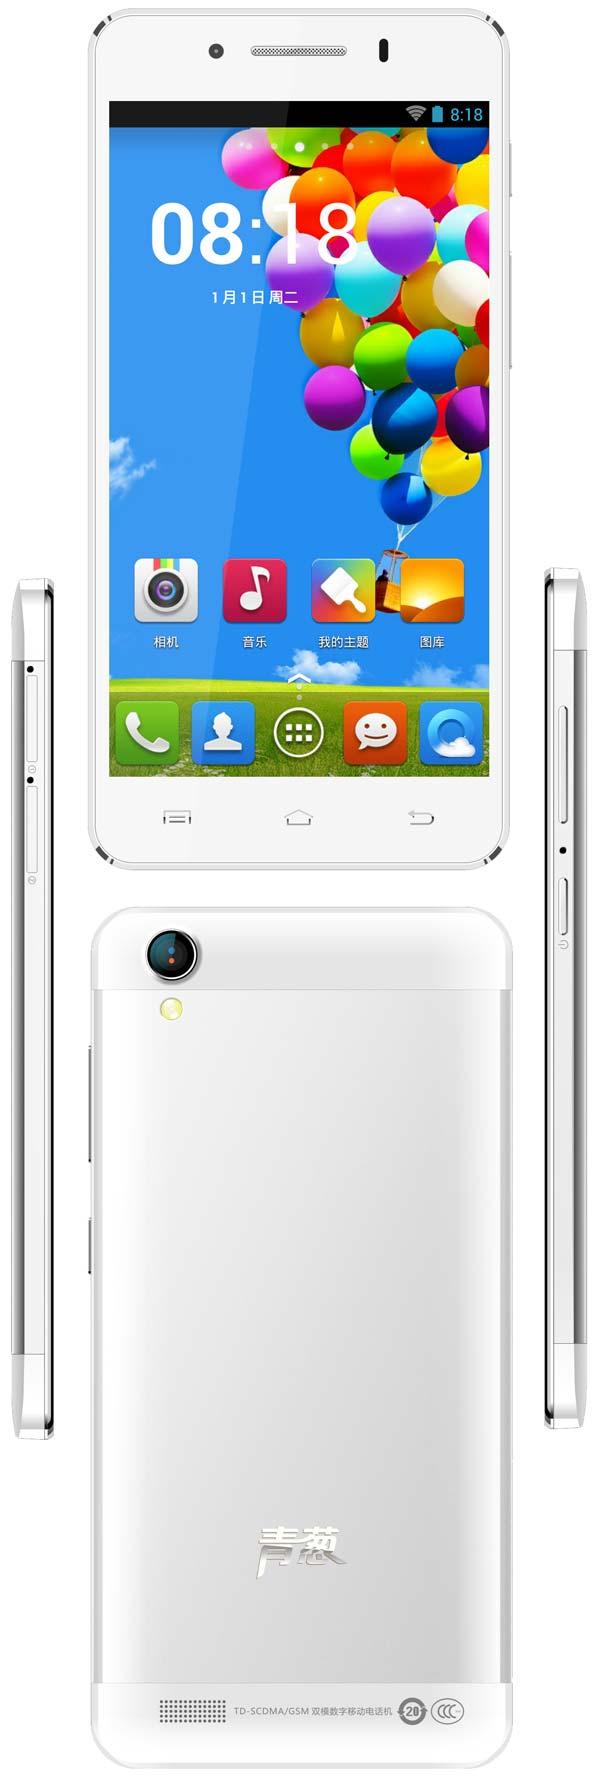 Smartnote X1 – ультратонкий, мощный и недорогой смартфон